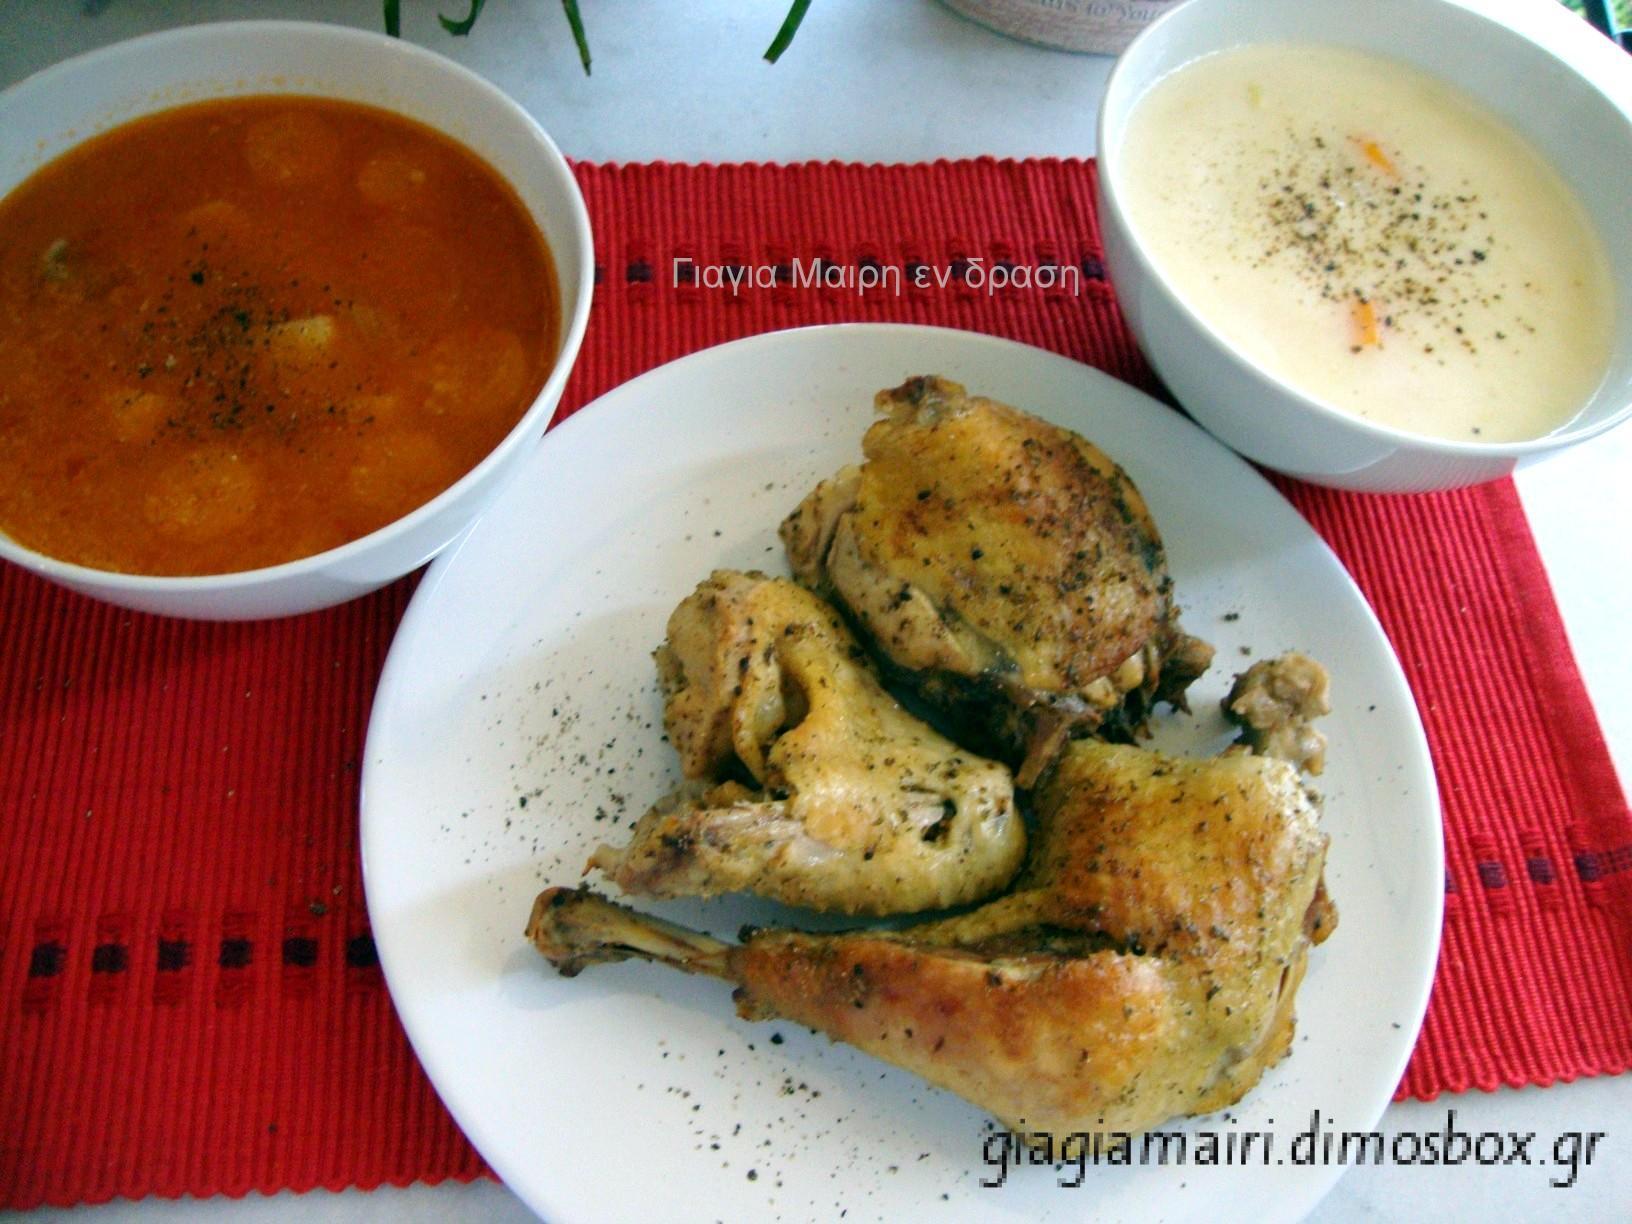 Συνταγή για παιδιά: Φανταστική Κοτόσουπα σε δυο γεύσεις!